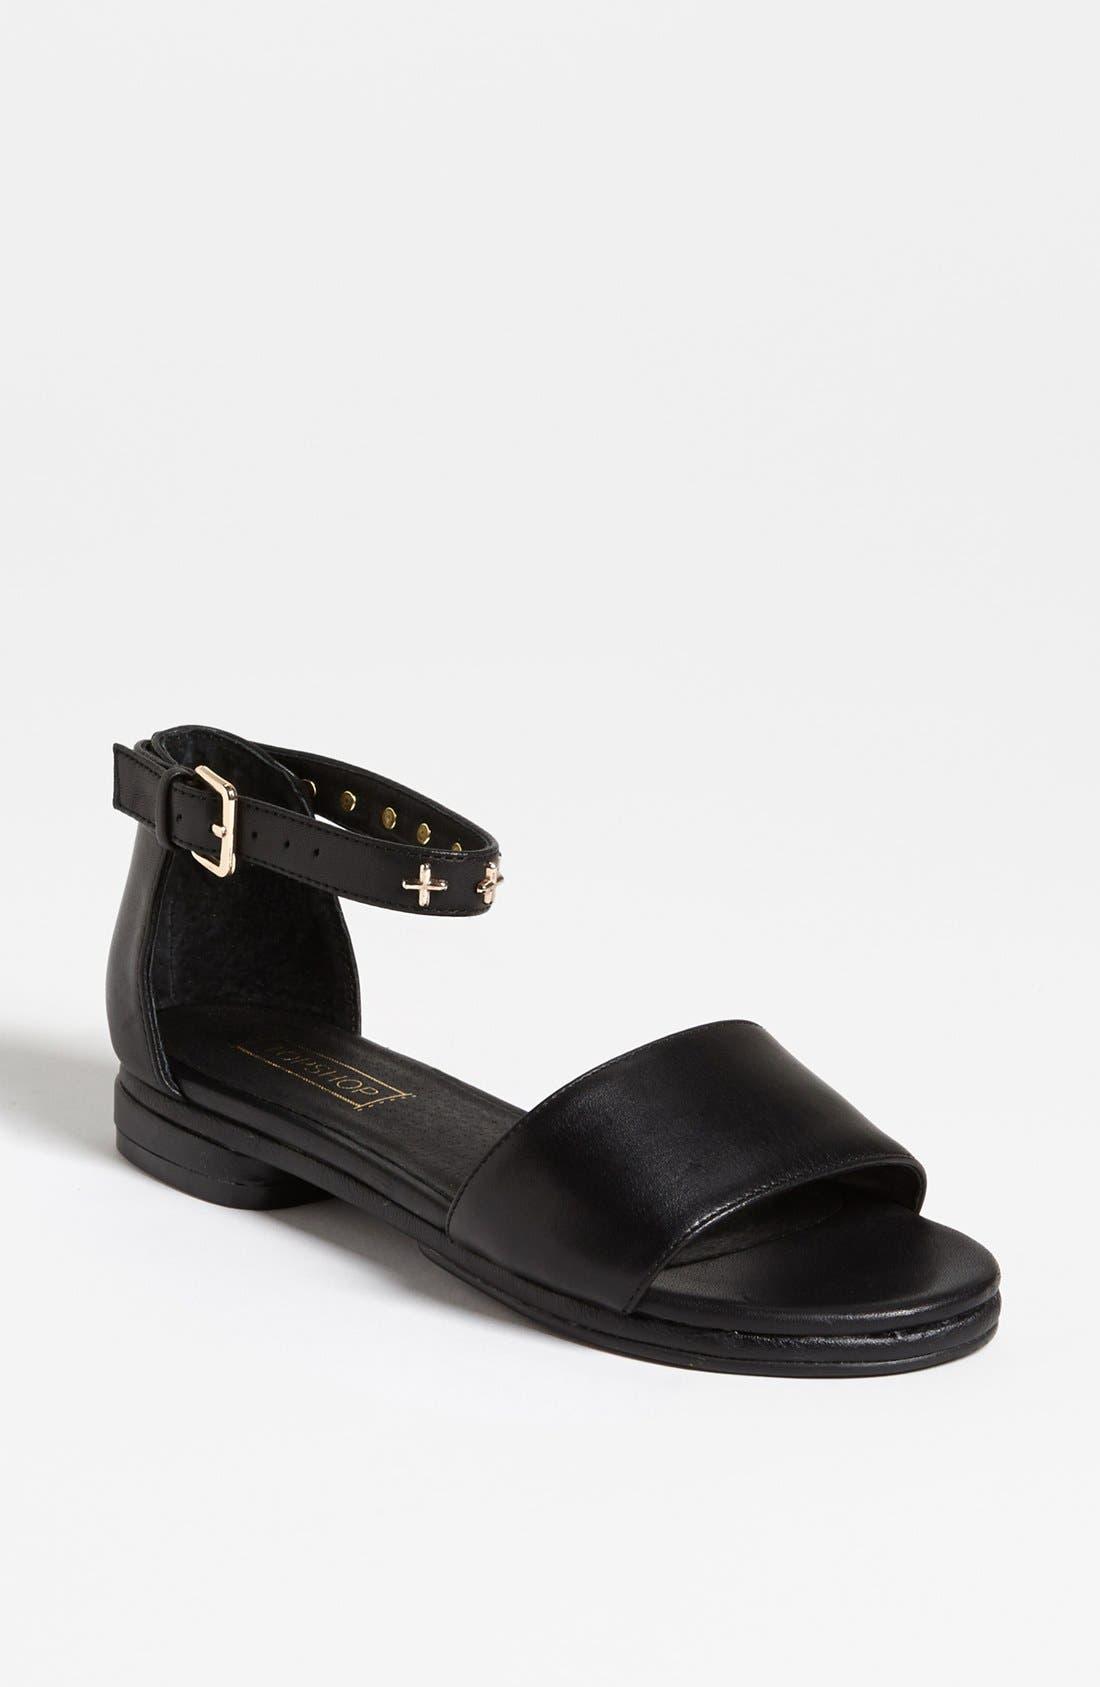 Alternate Image 1 Selected - Topshop 'Fend' Sandal